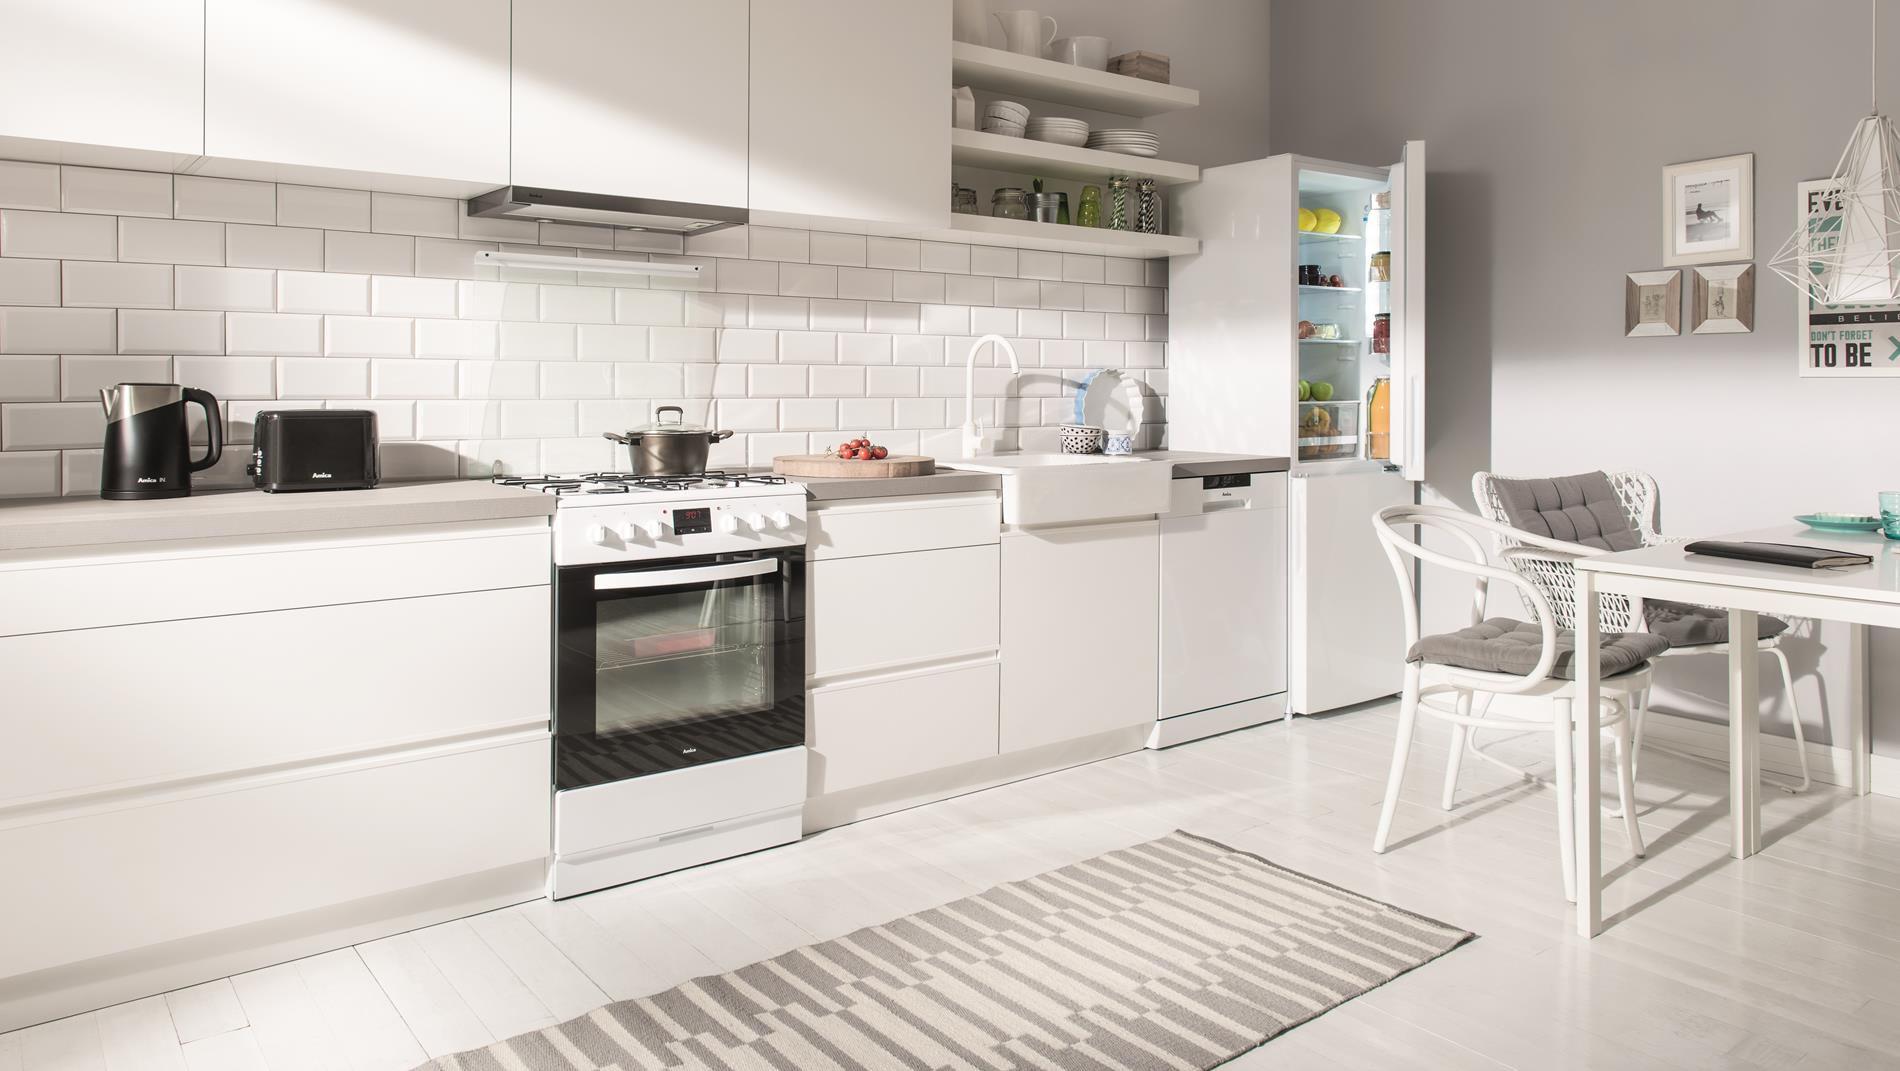 Kuchnia wolnostojąca gazowo elektryczna 600 620GE3   -> Okap Nad Kuchnia